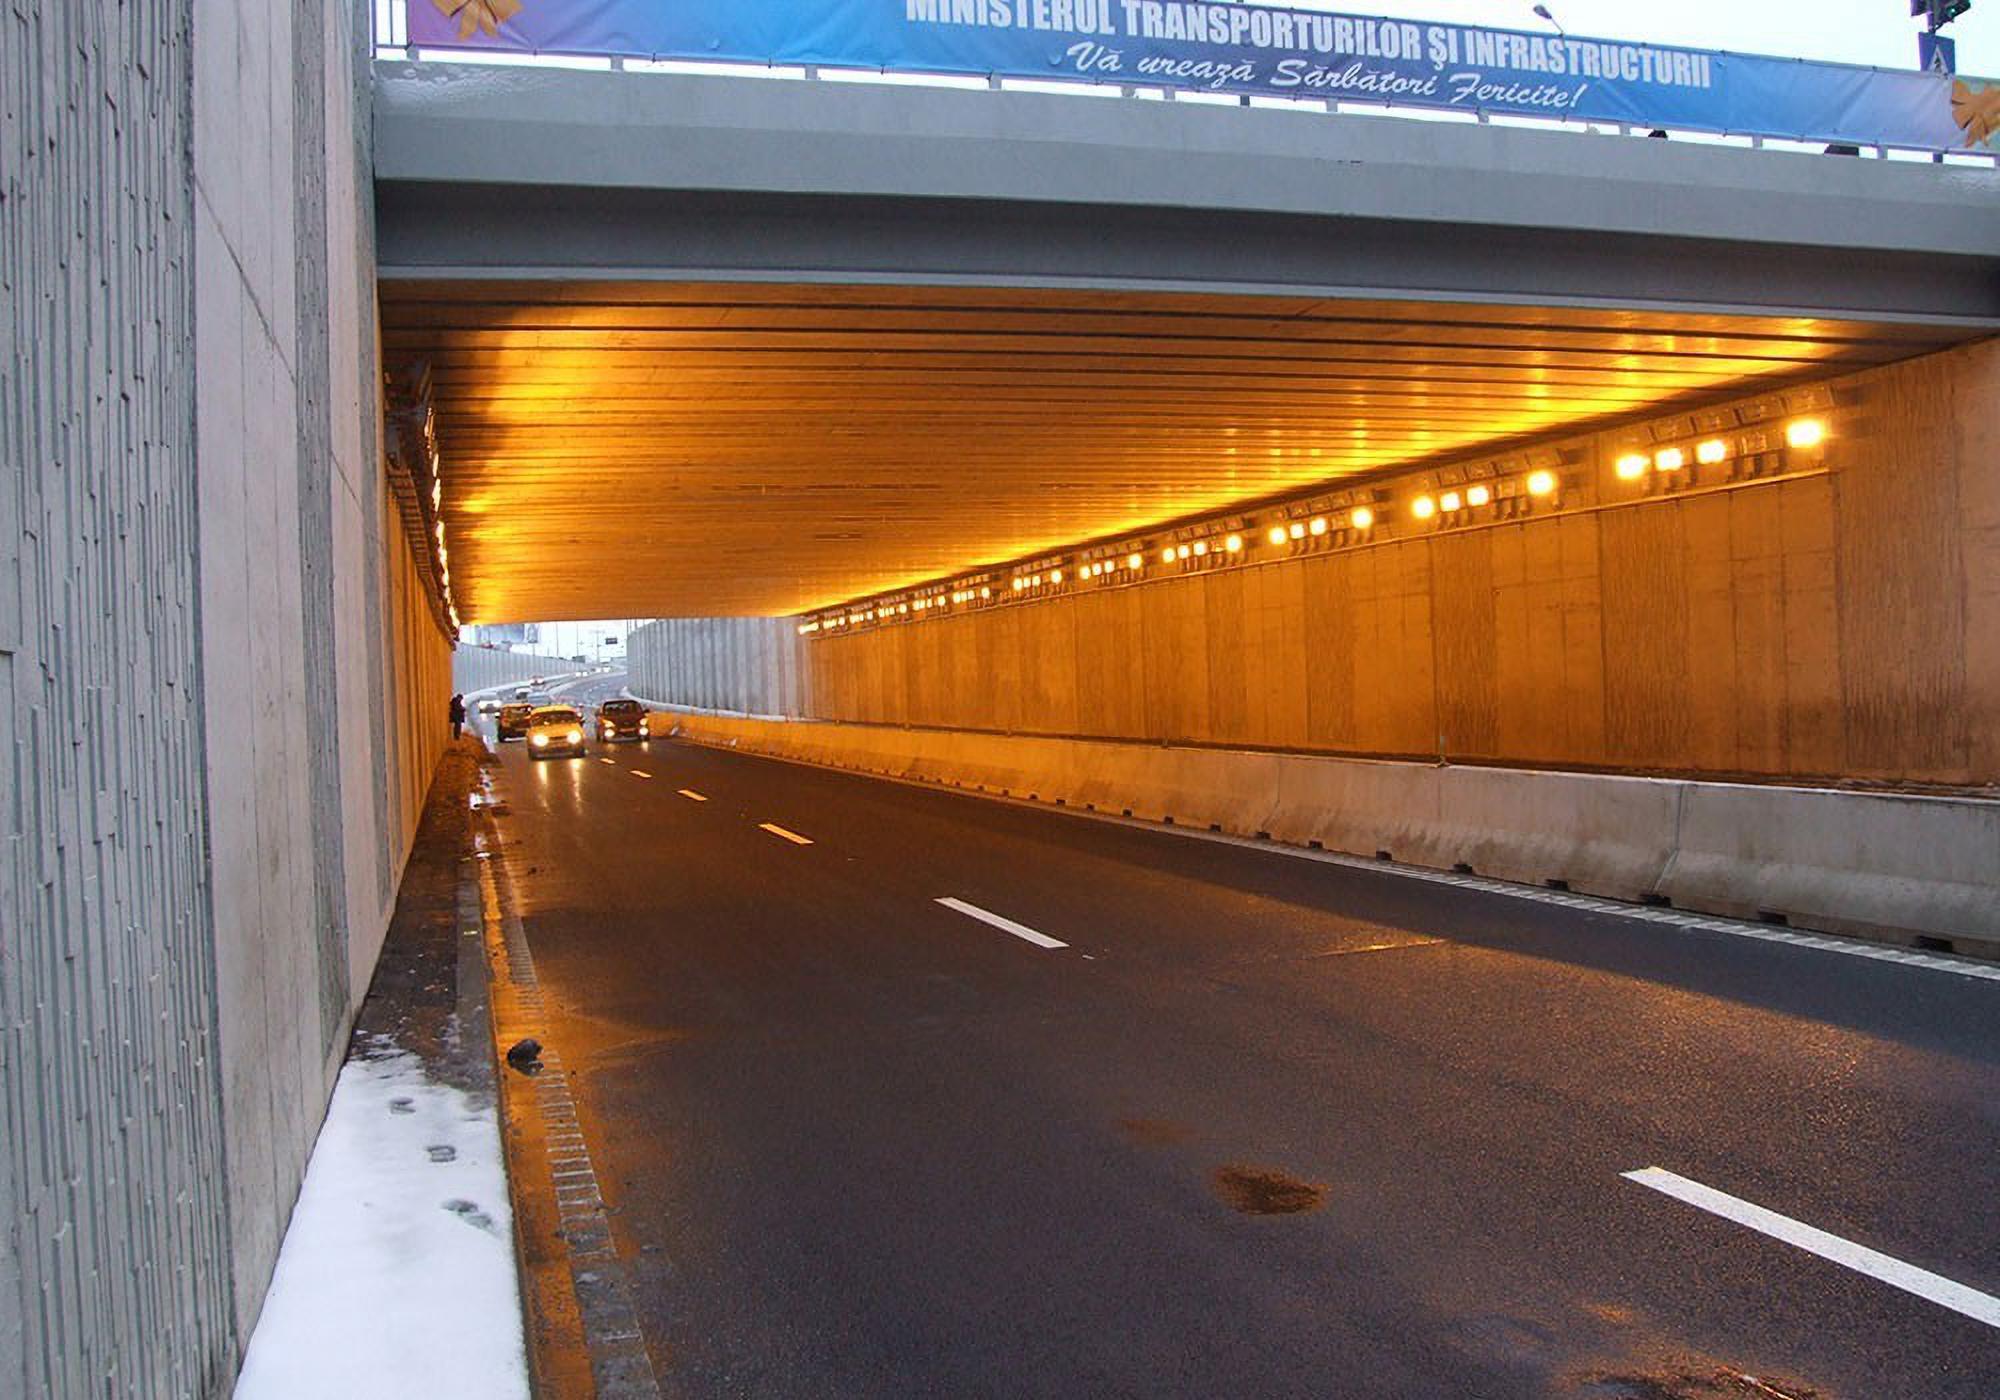 Vești importante pentru șoferii din București. Se închide circulația pe breteaua Pasajului Băneasa, pentru a se efectua lucrările de modernizare